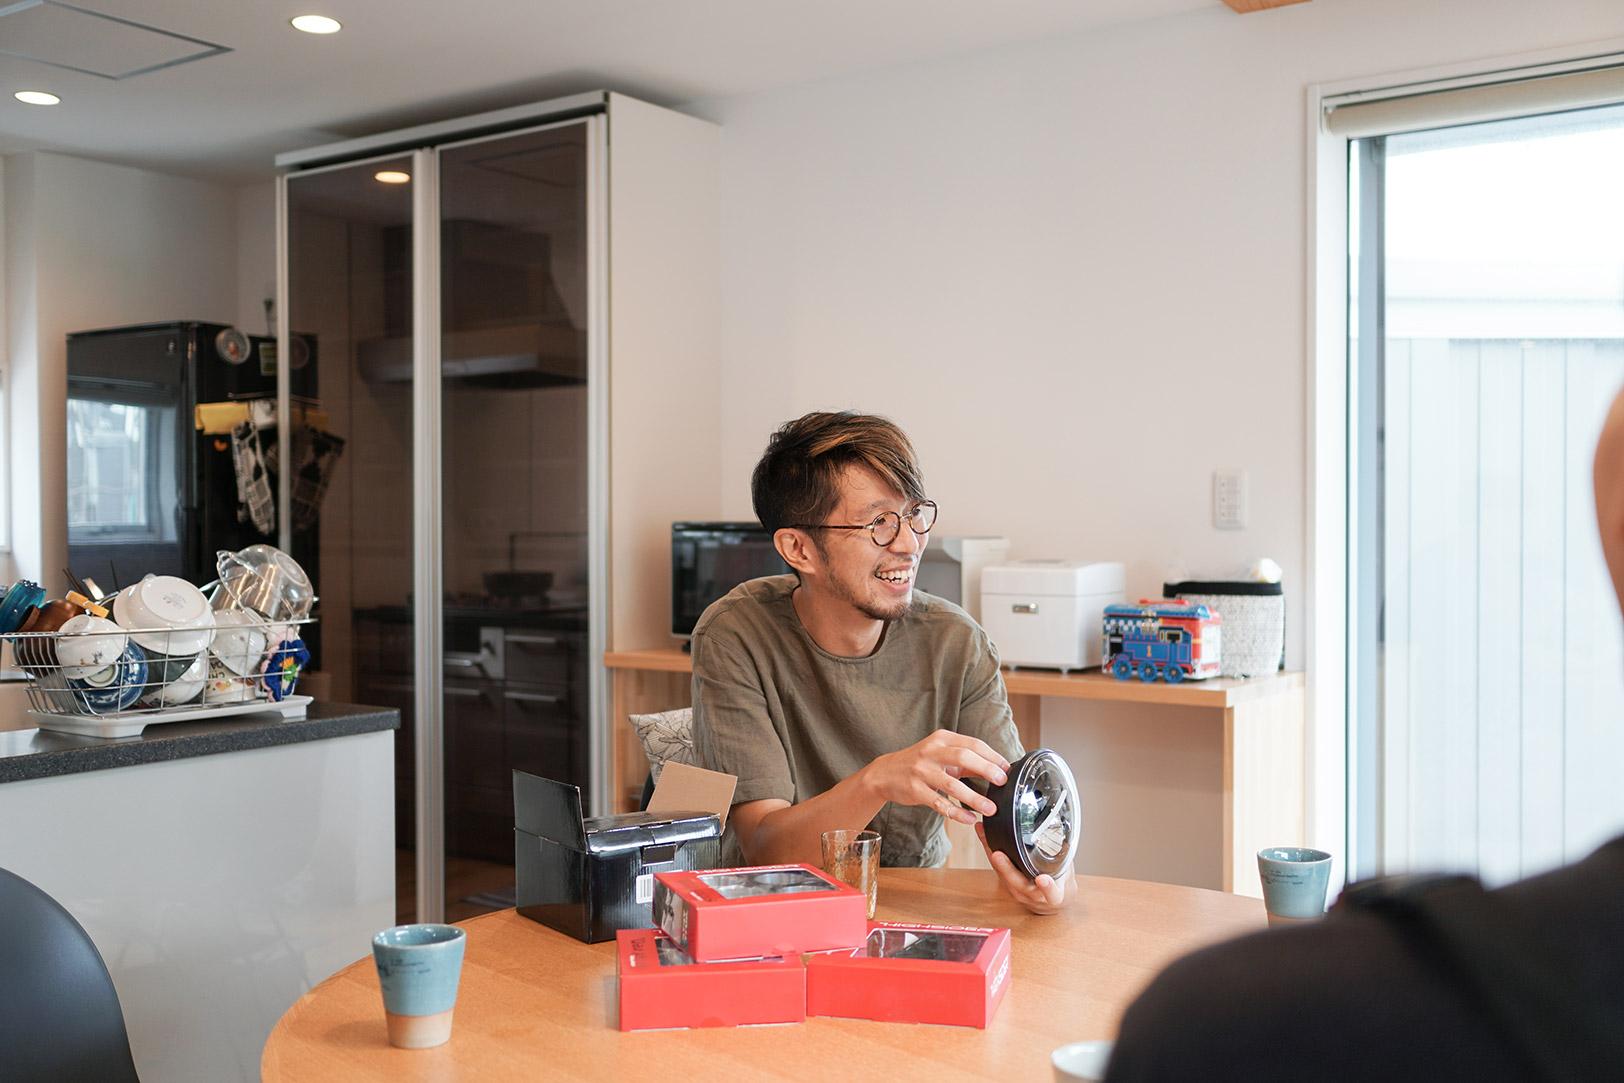 ネット通販でゲットしたバイクのライトのパーツを手にする田中さん。これから取り付ける予定とのこと